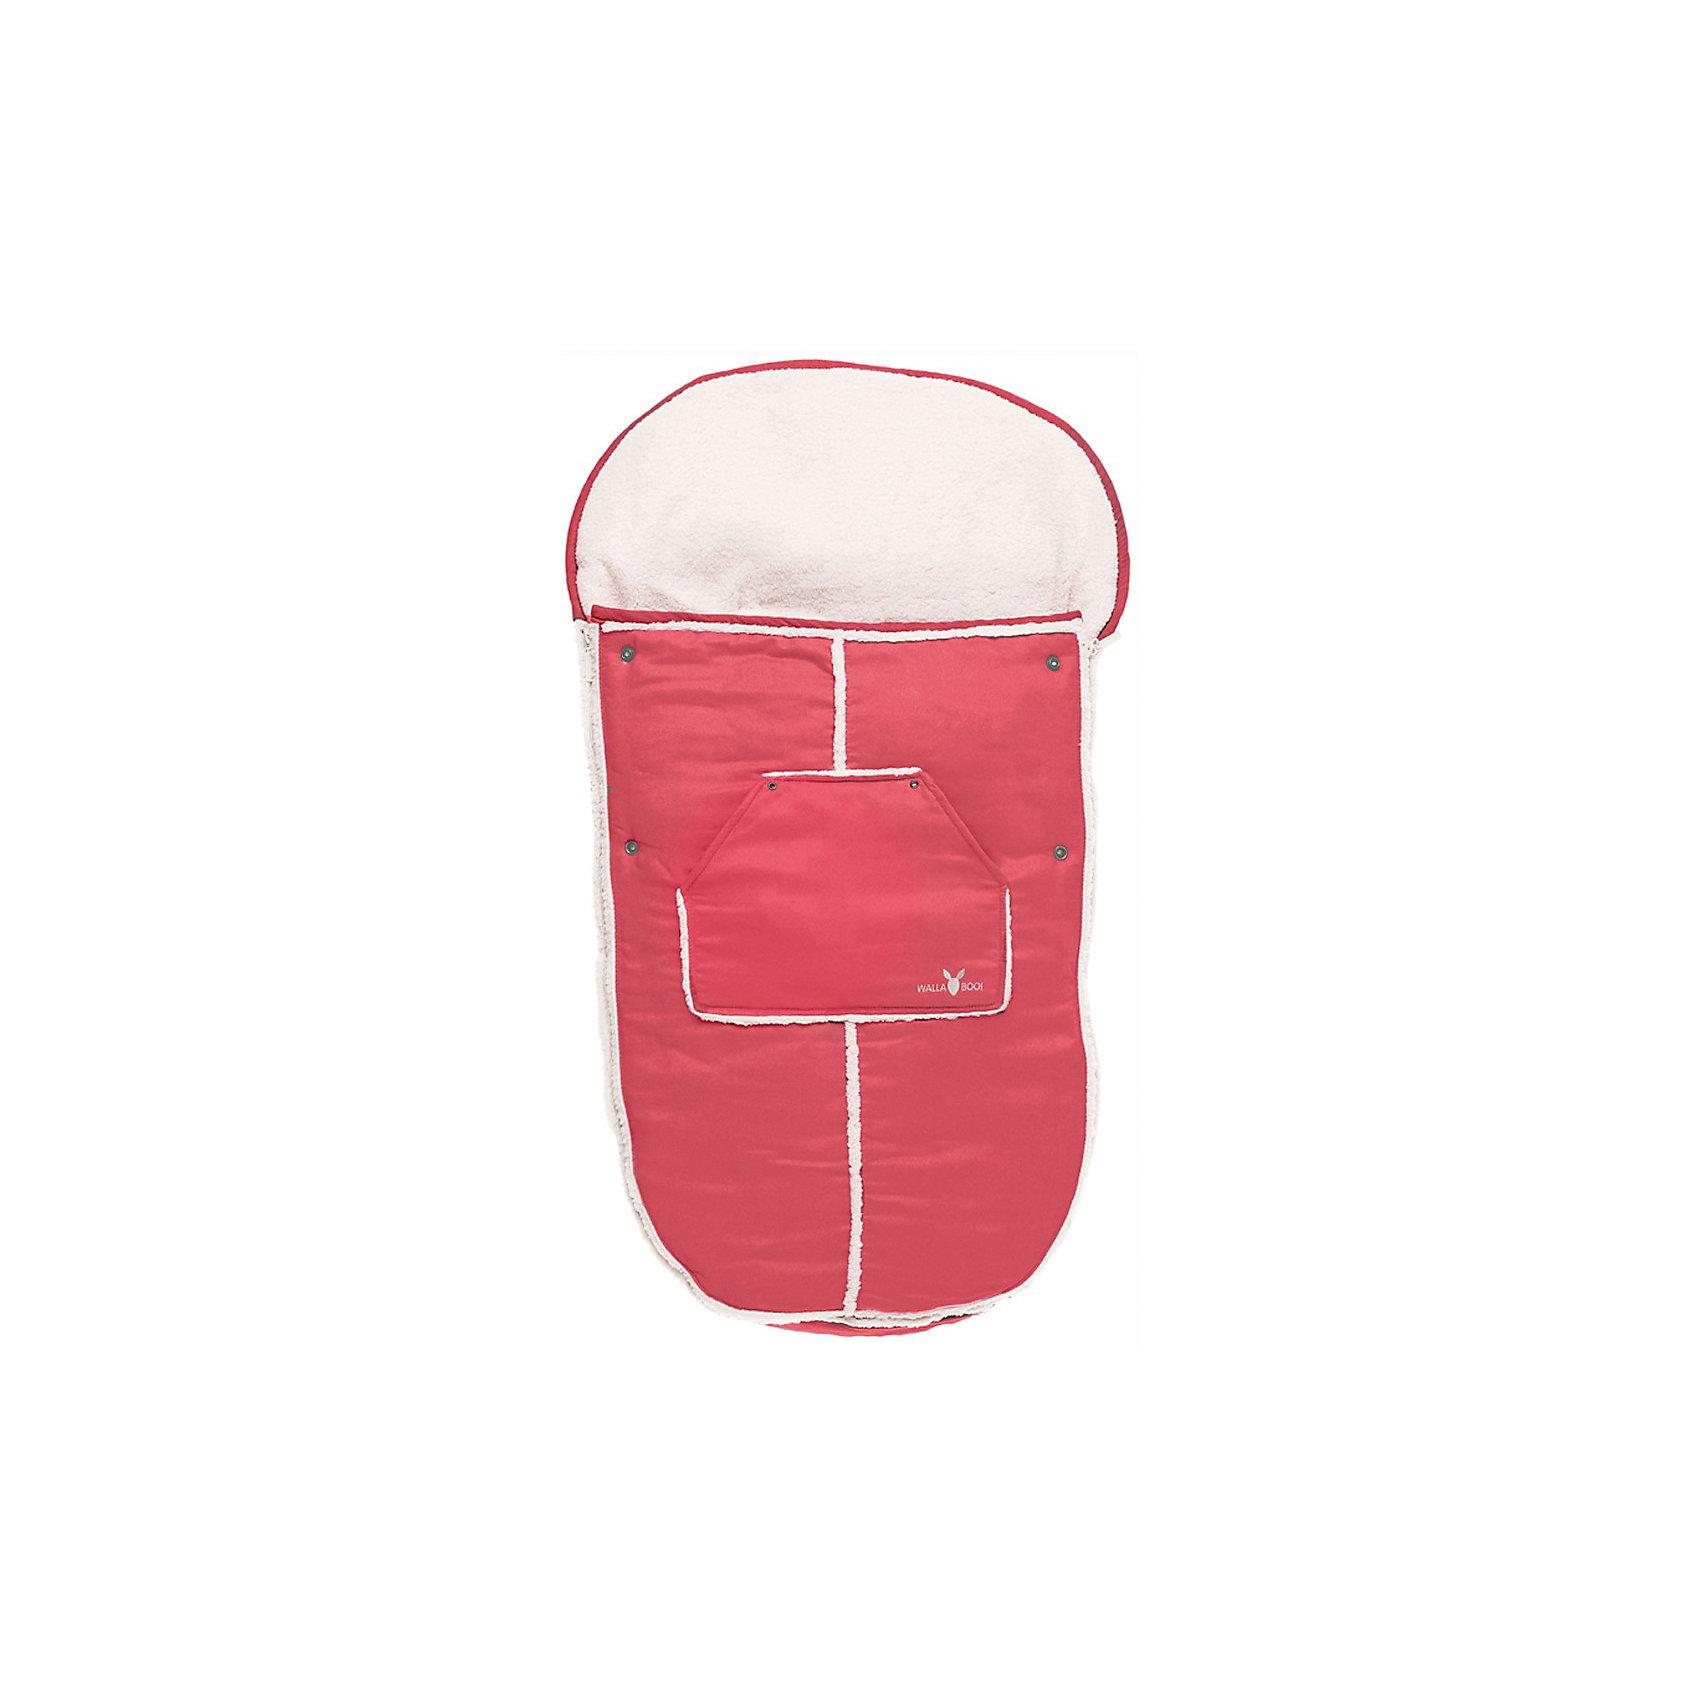 Конверт в коляску от 0-36 мес., Wallaboo, красныйКонверт в коляску от 0-36 мес., Wallaboo окутает Вашего малыша теплом и нежностью с головы до пят!<br><br>Конверт отличает великолепное качество: верх - микроволокнистая замша или изысканная и мягкая искусственная кожа; внутри - мягчайший плюш под овечью шкурку. Эта стильная и удобная вещь специально придумана для долгих прогулок, во время которых малыш остается в тепле и комфорте, ему уютно и мягко сидеть!<br>        <br>Конверт многофункциональный:<br>- легко пристегивается к любой модели коляски<br>- можно использовать как мягкий чехол-конверт для санок<br>- если отстегнуть верхнюю часть, муфта-конверт превращается в мягкий чехол-подкладку <br><br>Удобно Вам и комфортно малышу: <br>- «капюшон» муфты (на резинке)  легко закрепляется на верхней части коляски и не дает ему сползать<br>- муфта-конверт отлично защищает малыша от ветра и непогоды<br>- в специальный большой карман можно положить любимую игрушку малыша, бутылочку или другие необходимые Вам вещи<br>- две боковые застежки-молнии, расположенные по всей длине муфты, позволяют полностью и очень быстро отстегнуть верхнюю часть муфты от внутренней и высадить малыша из коляски<br><br>Дополнительная информация:<br><br>- Наполнитель: синтепон 120 грамм.<br>- Подходит для колясок с 3-х и 5-титочечными ремнями безопасности<br>- Машинная стирка при температуре 30 градусов. <br>- Размер: 48 х 100 см <br>- Вес: 800 г<br><br>Конверт в коляску от 0-36 мес., Wallaboo, красный можно купить в нашем магазине.<br><br>Ширина мм: 600<br>Глубина мм: 500<br>Высота мм: 90<br>Вес г: 800<br>Возраст от месяцев: 0<br>Возраст до месяцев: 36<br>Пол: Унисекс<br>Возраст: Детский<br>SKU: 3812569